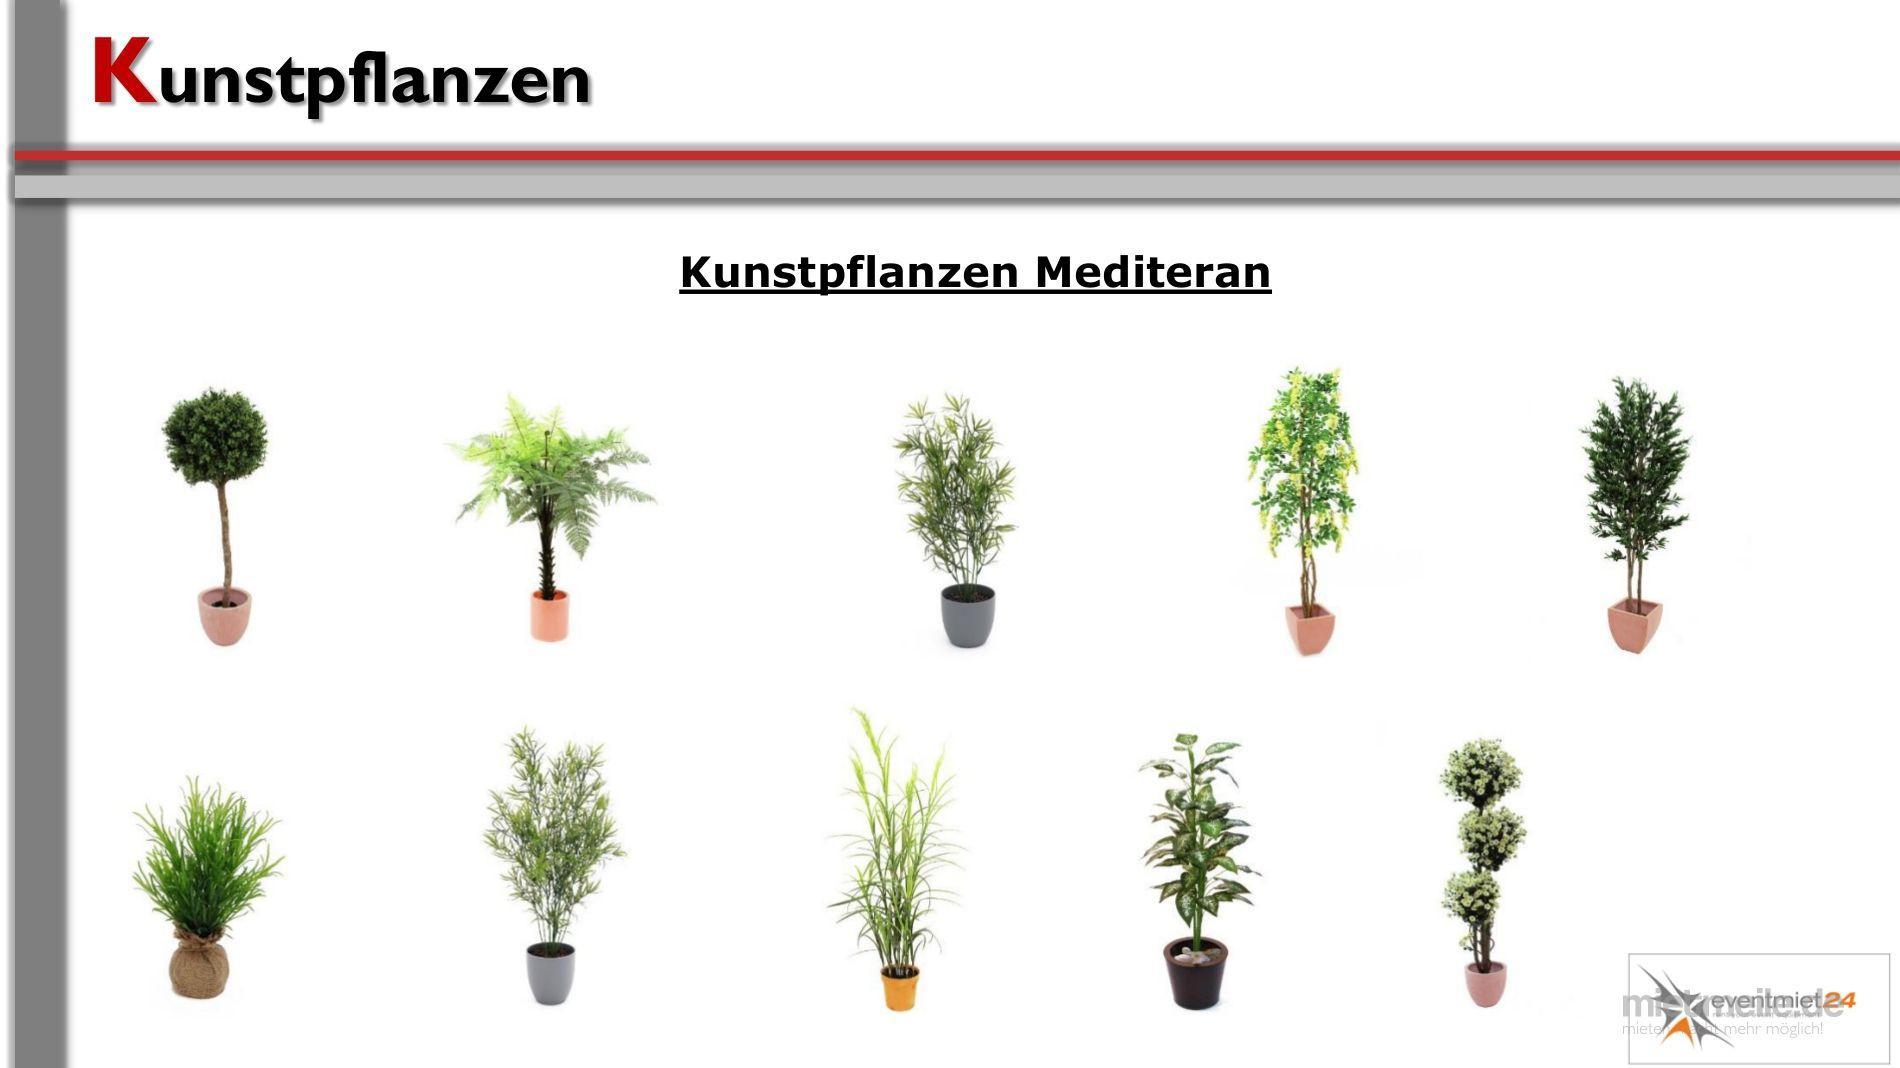 Pflanzen mieten & vermieten - Pflanzen / Kunststoffpflanzen in Neunkirchen am Sand